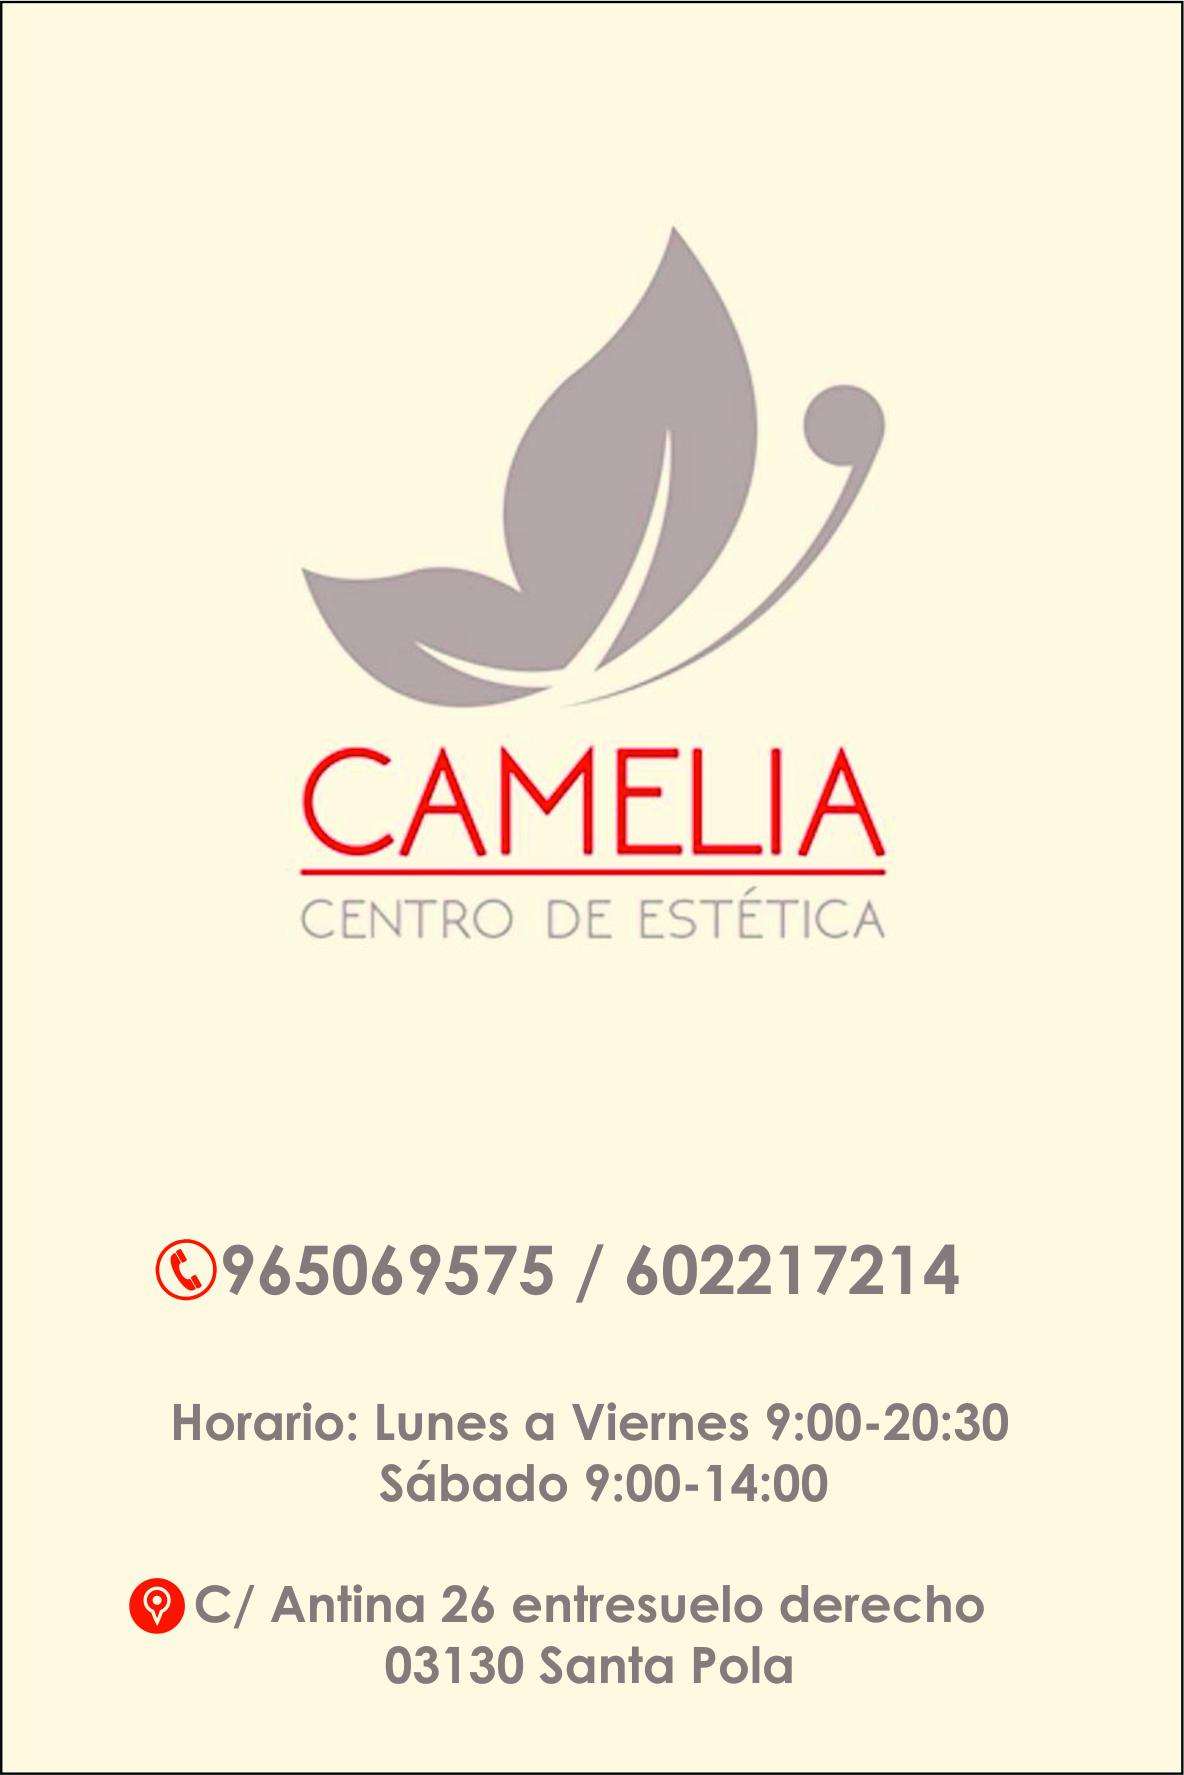 Camelia Centro De Estética